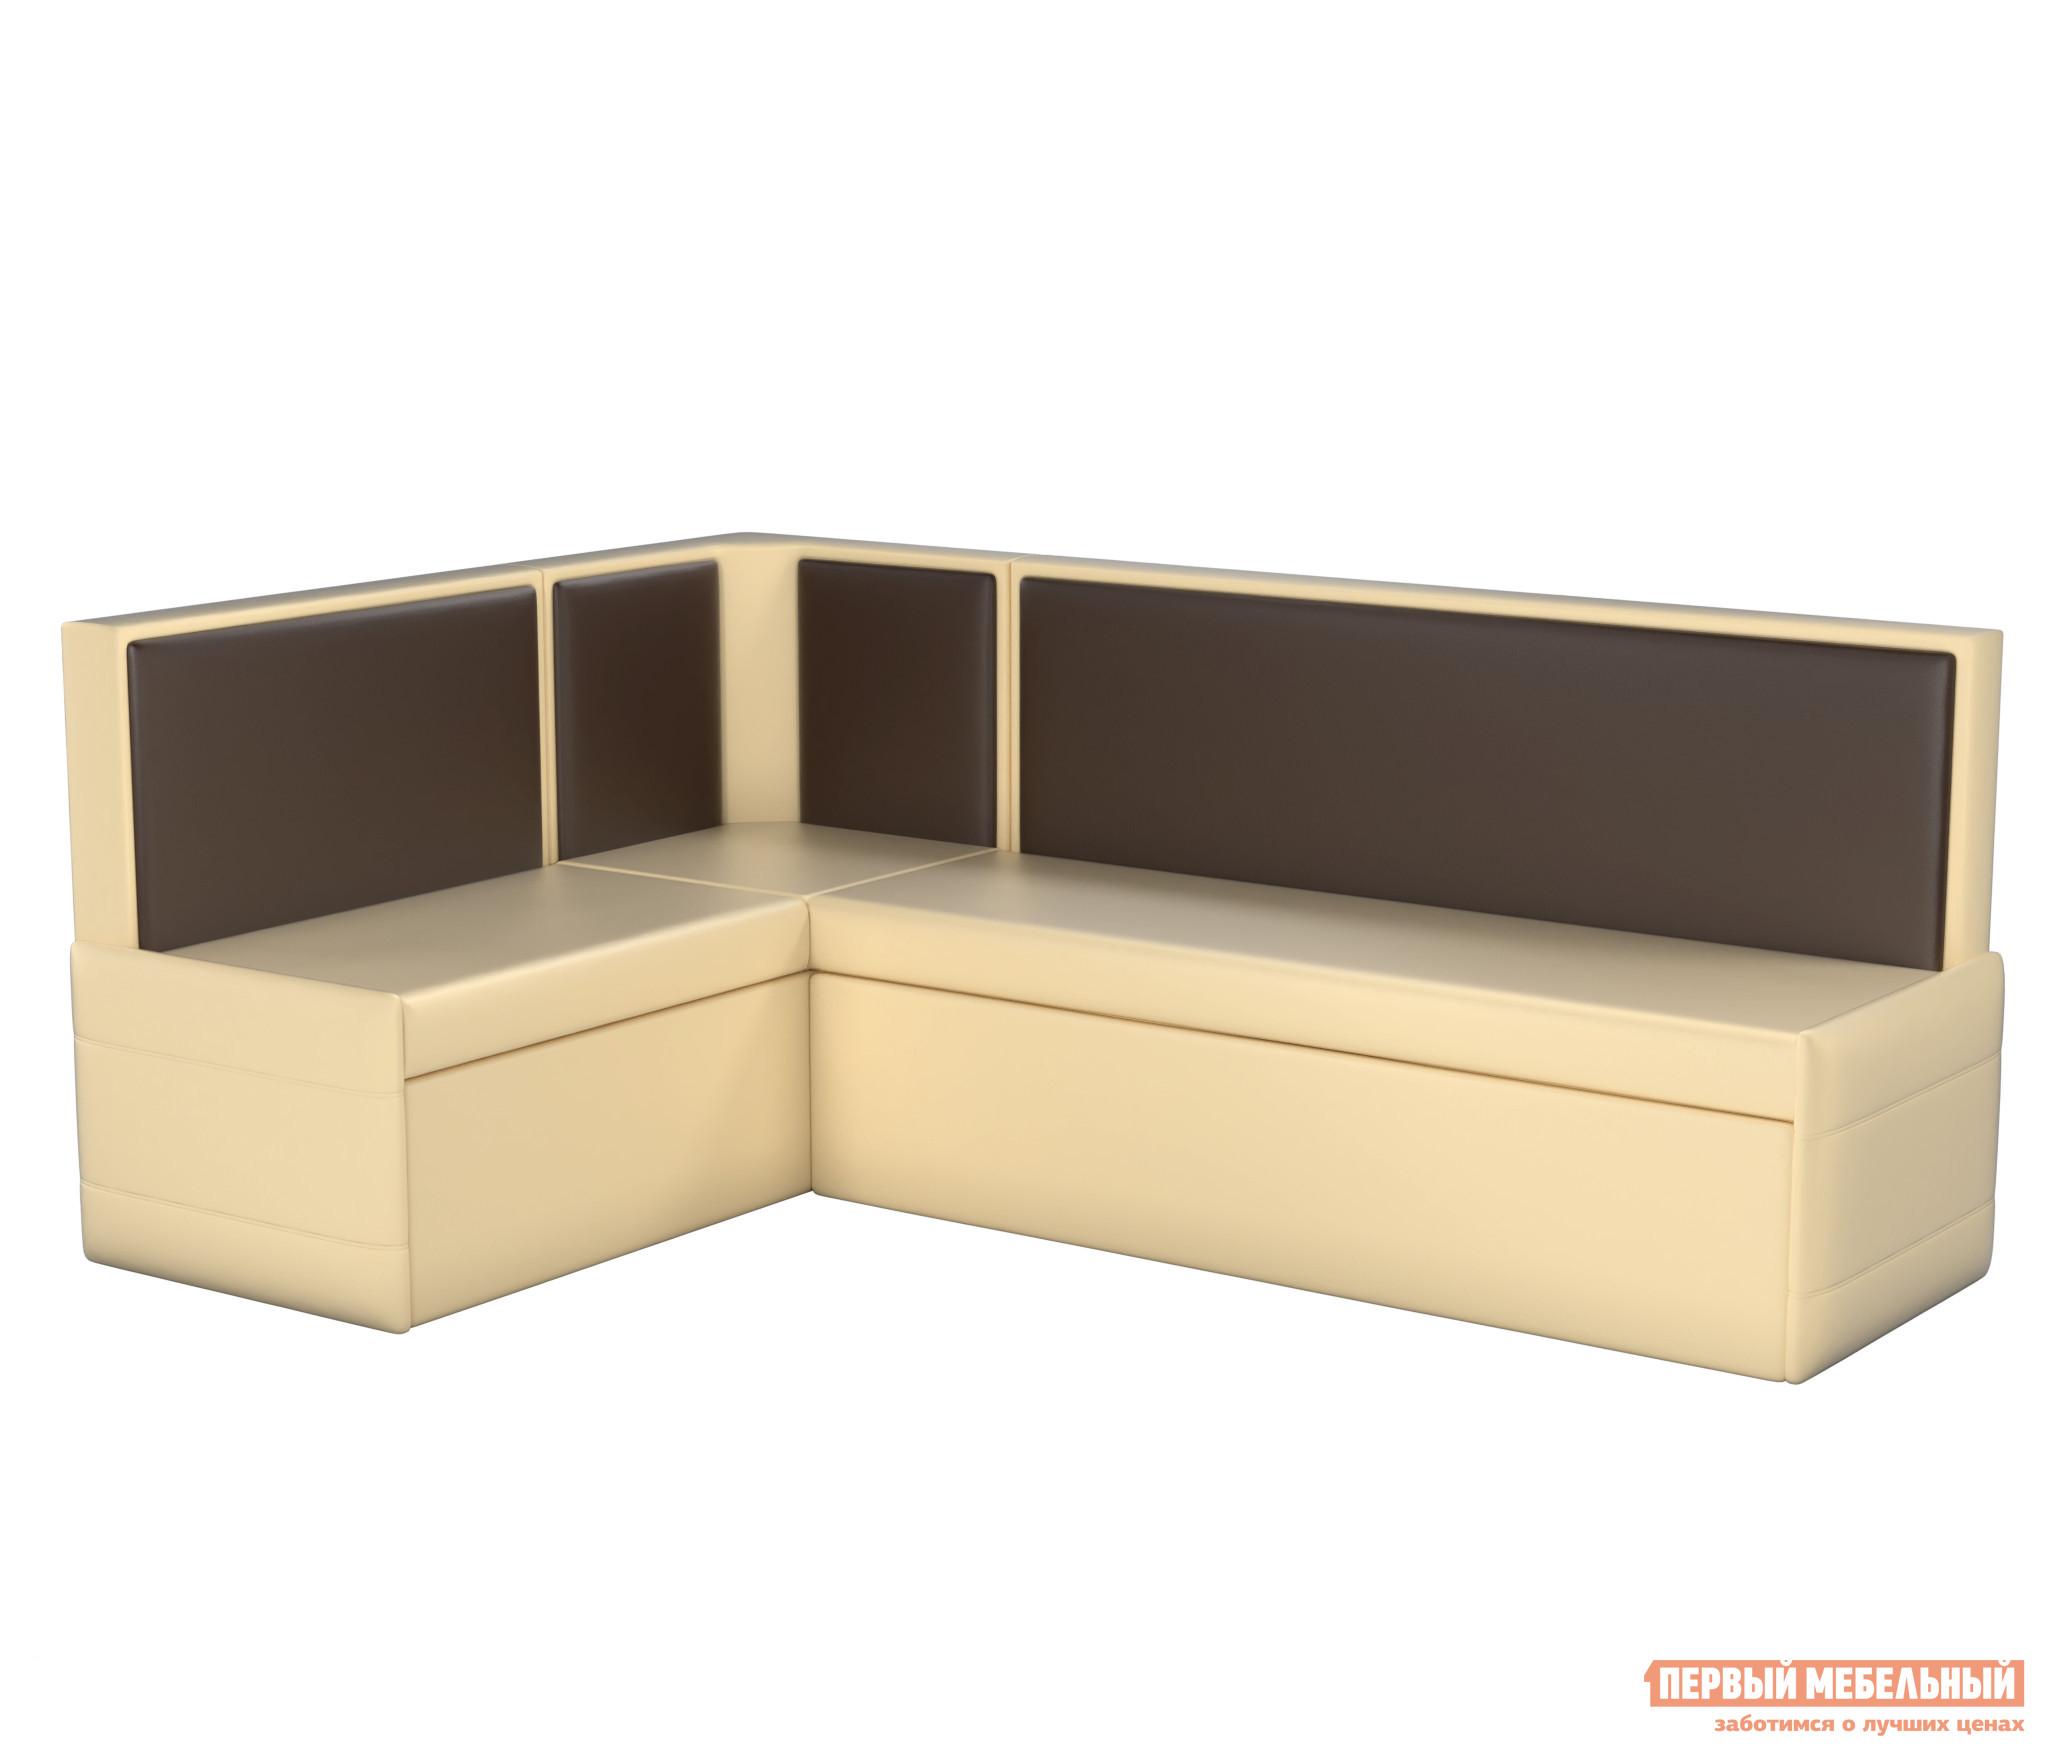 Кухонный диван  Кристина Экокожа бежево-коричневый, Левый